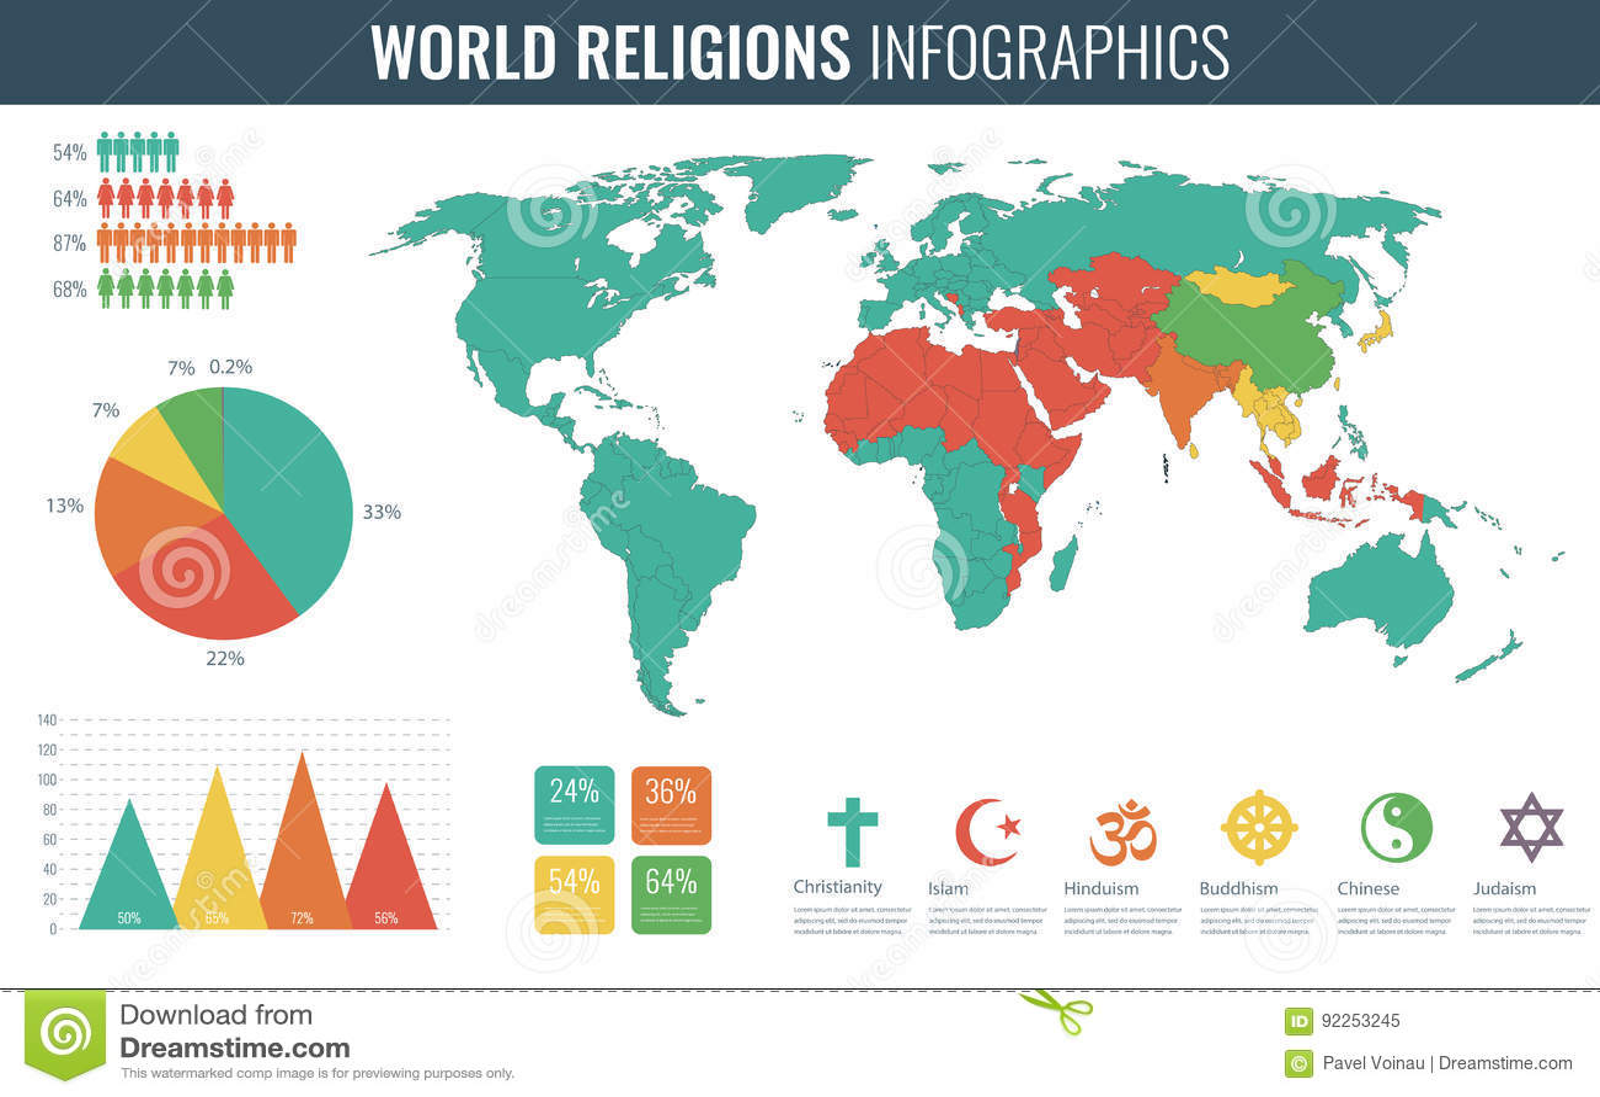 Cartina Delle Religioni Nel Mondo.Religioni Del Mondo Infographic Con La Mappa Di Mondo I Grafici Ed Altri Elementi Vettore Illustrazione Vettoriale Illustrazione Di Soddisfare Fede 92253245